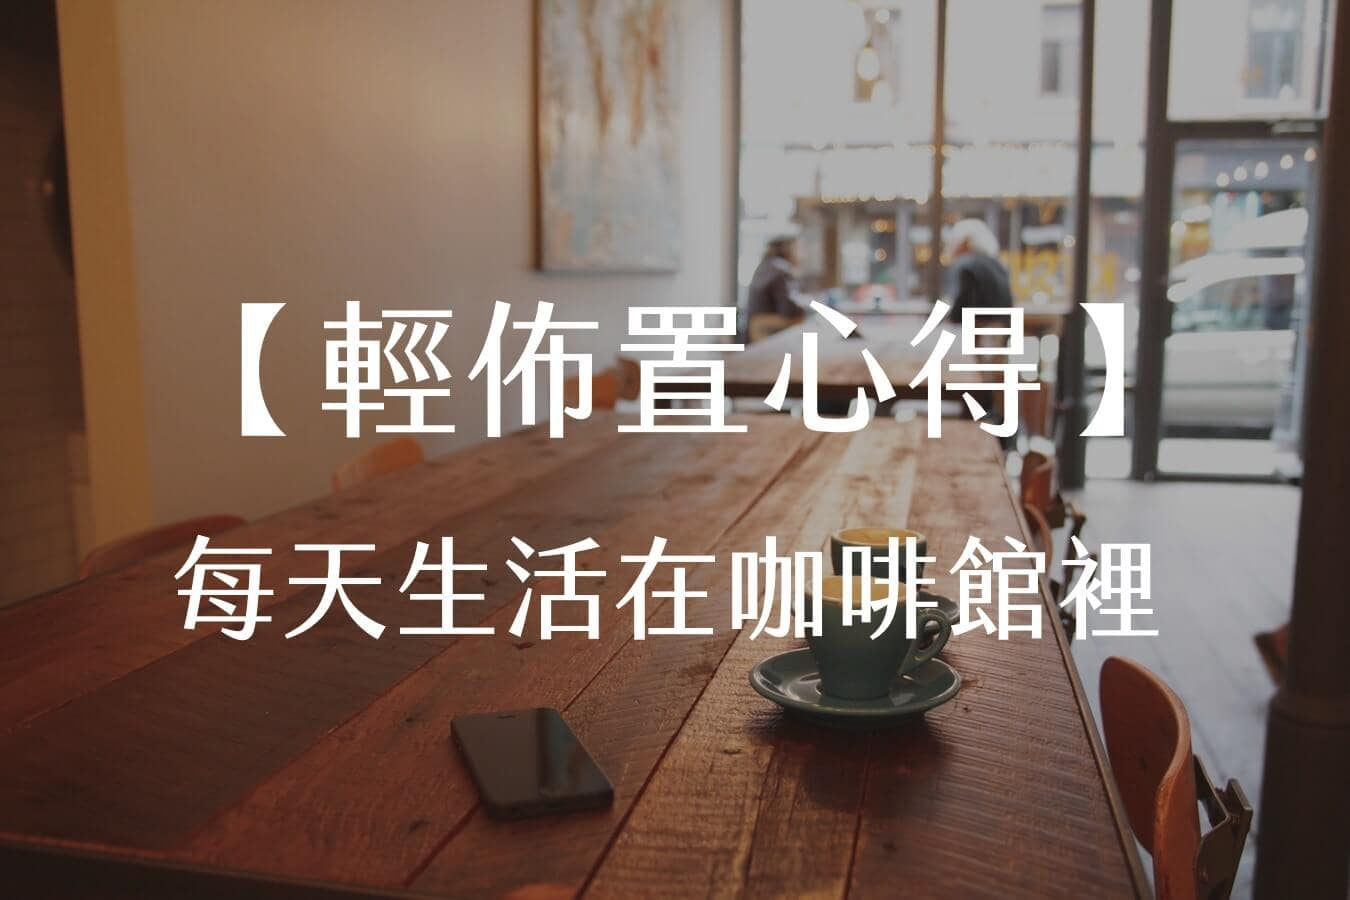 【輕佈置心得】每天生活在咖啡館裡 1